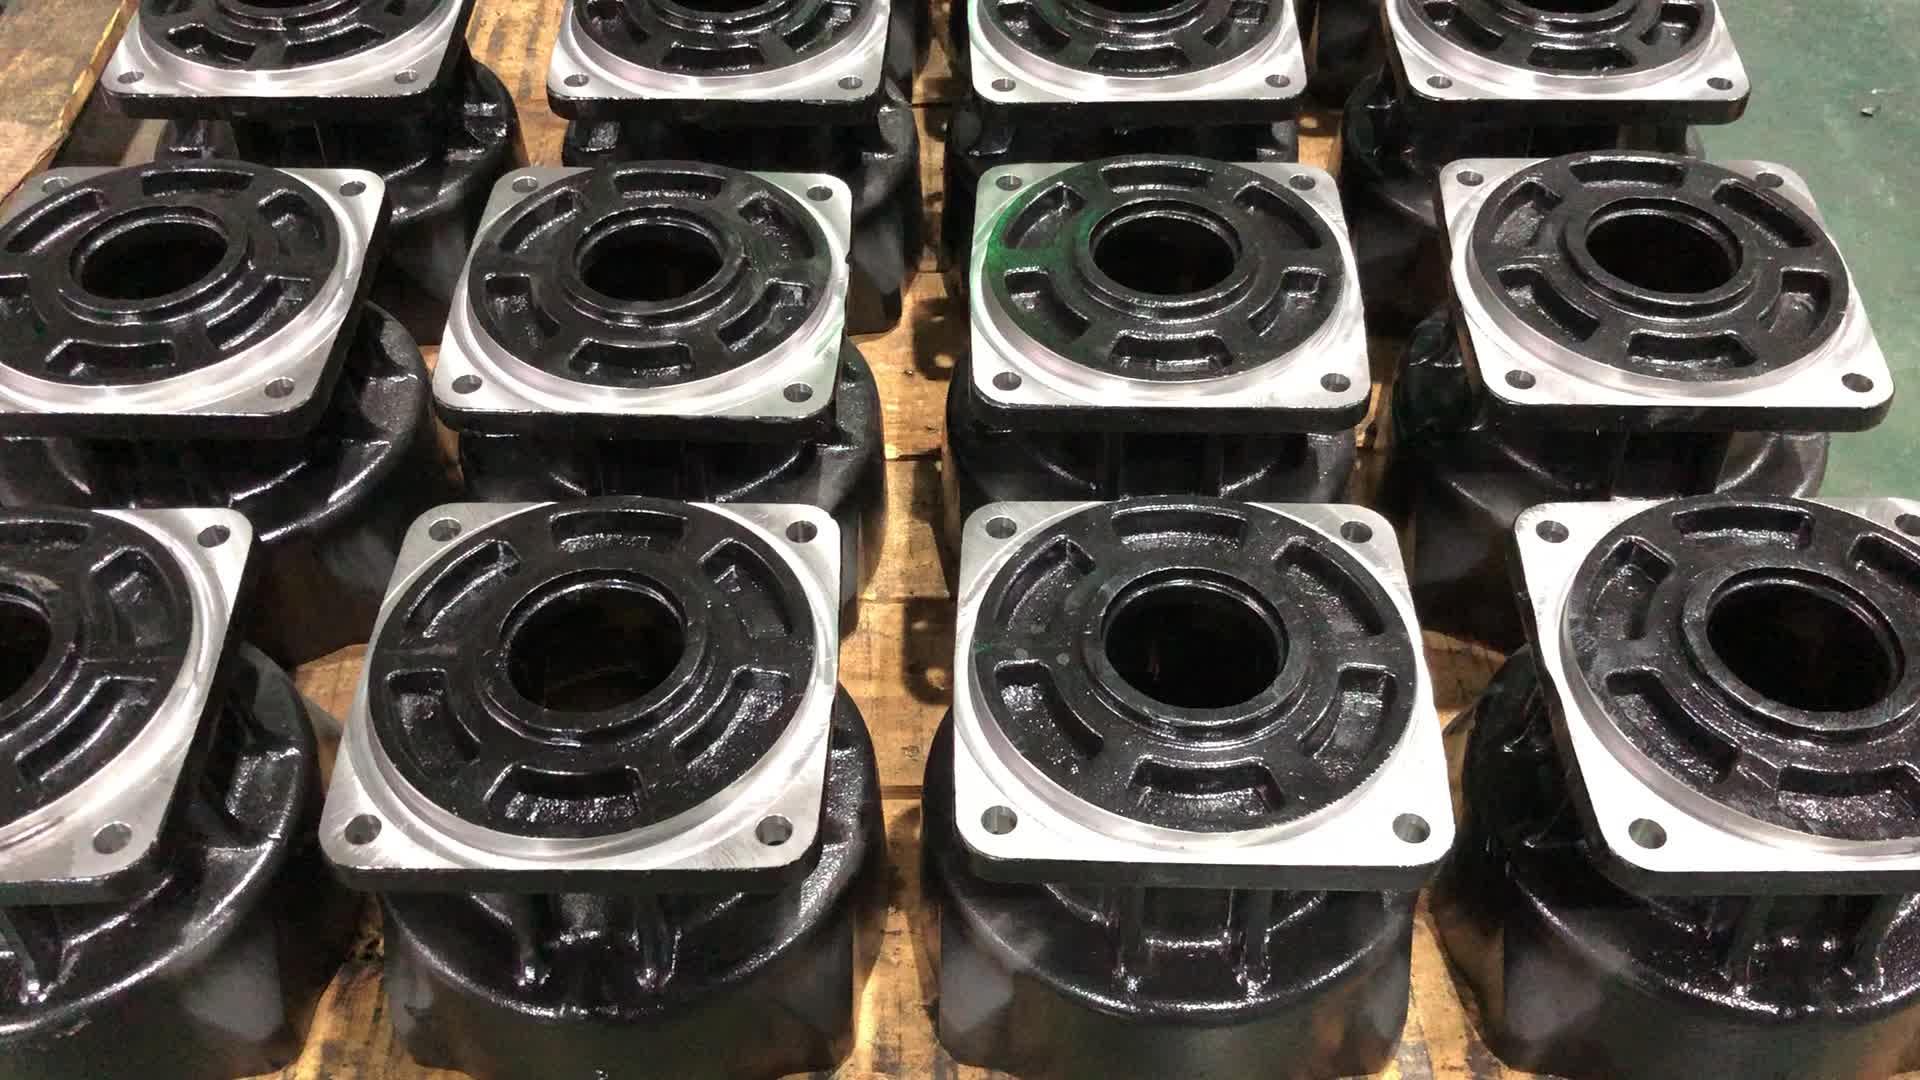 2020 Ningbo fabrika Custom made yüksek hassasiyetli kum döküm ve işlenmiş dökme demir parçaları